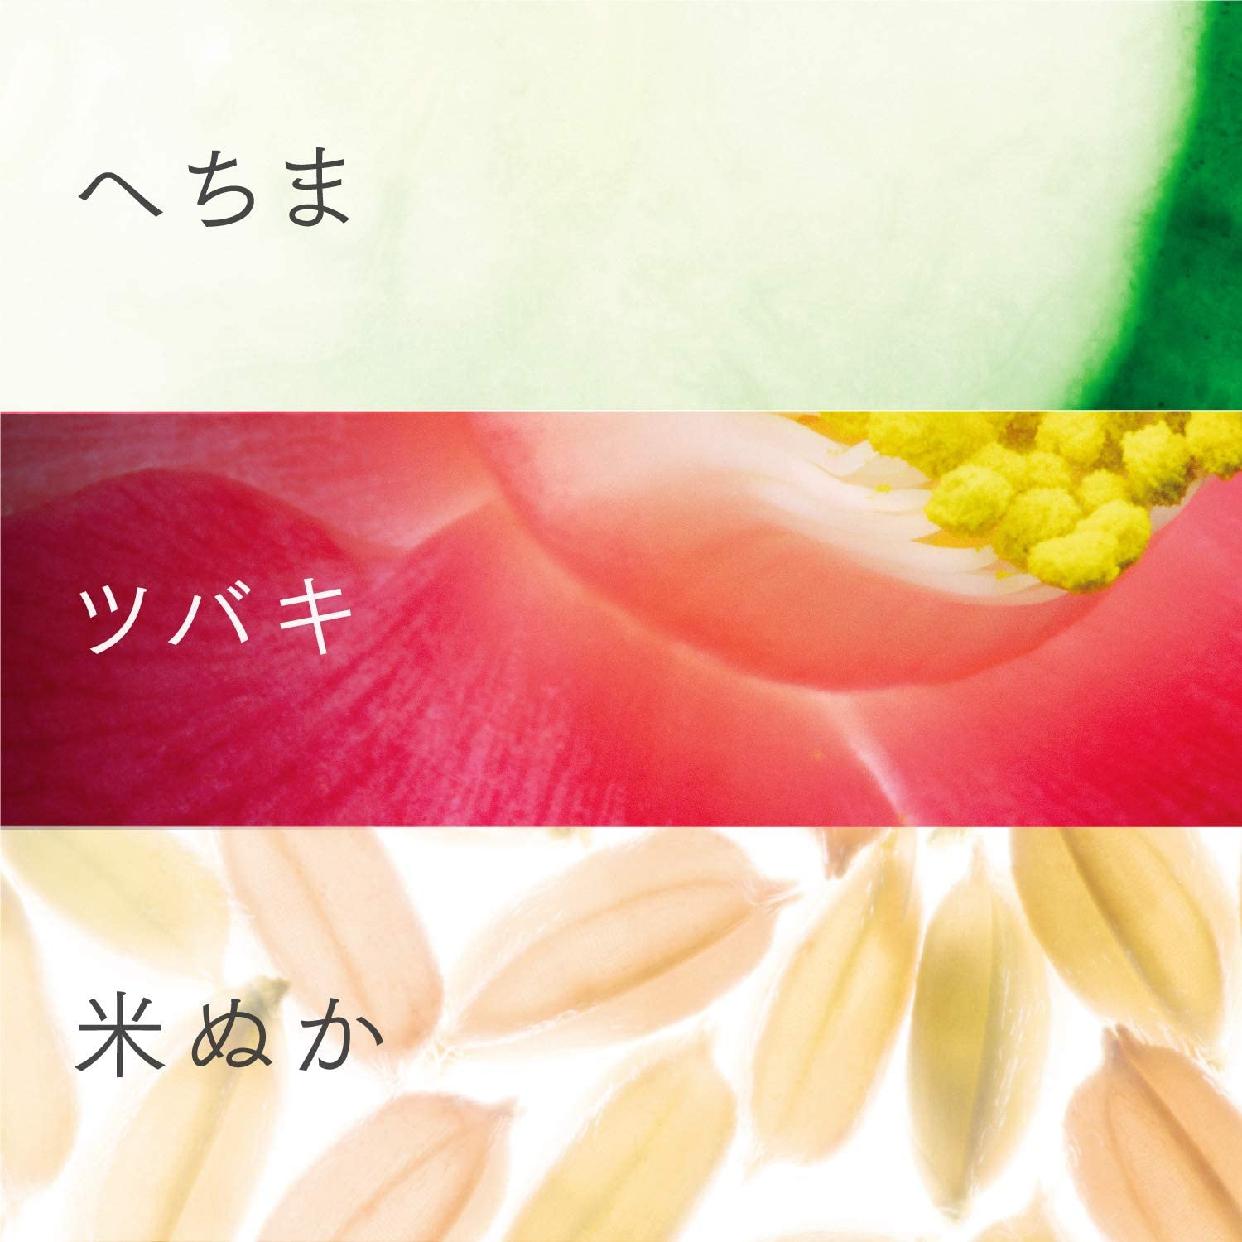 いち髪(ICHIKAMI) ナチュラルケアセレクト スムース シャンプーの商品画像6